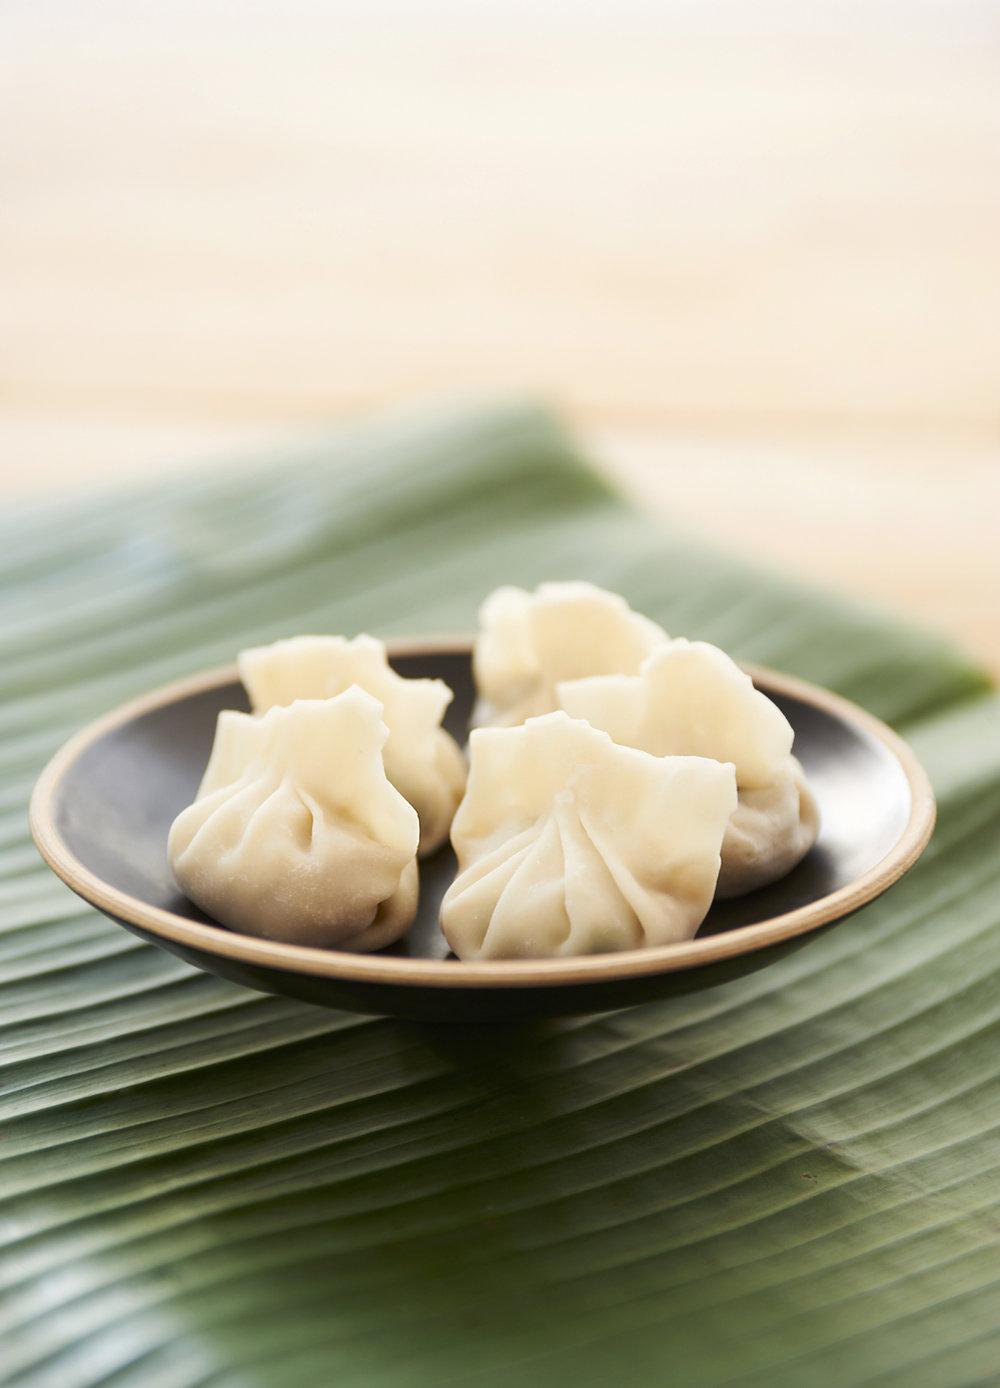 创造难以忘怀的中式烹饪记忆 -